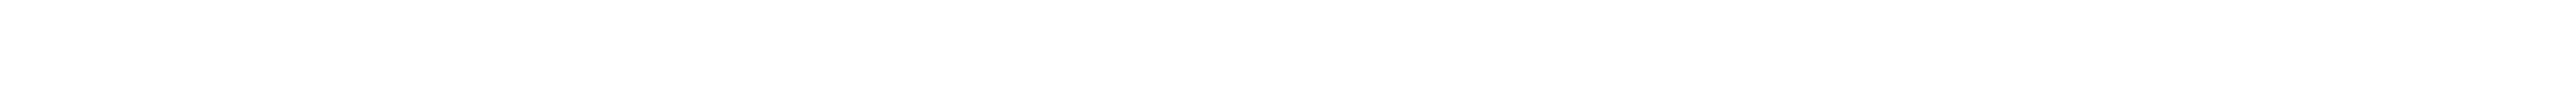 תחתיות חנוכיה - דוגמא - אמנות יודאיקה ייחודית